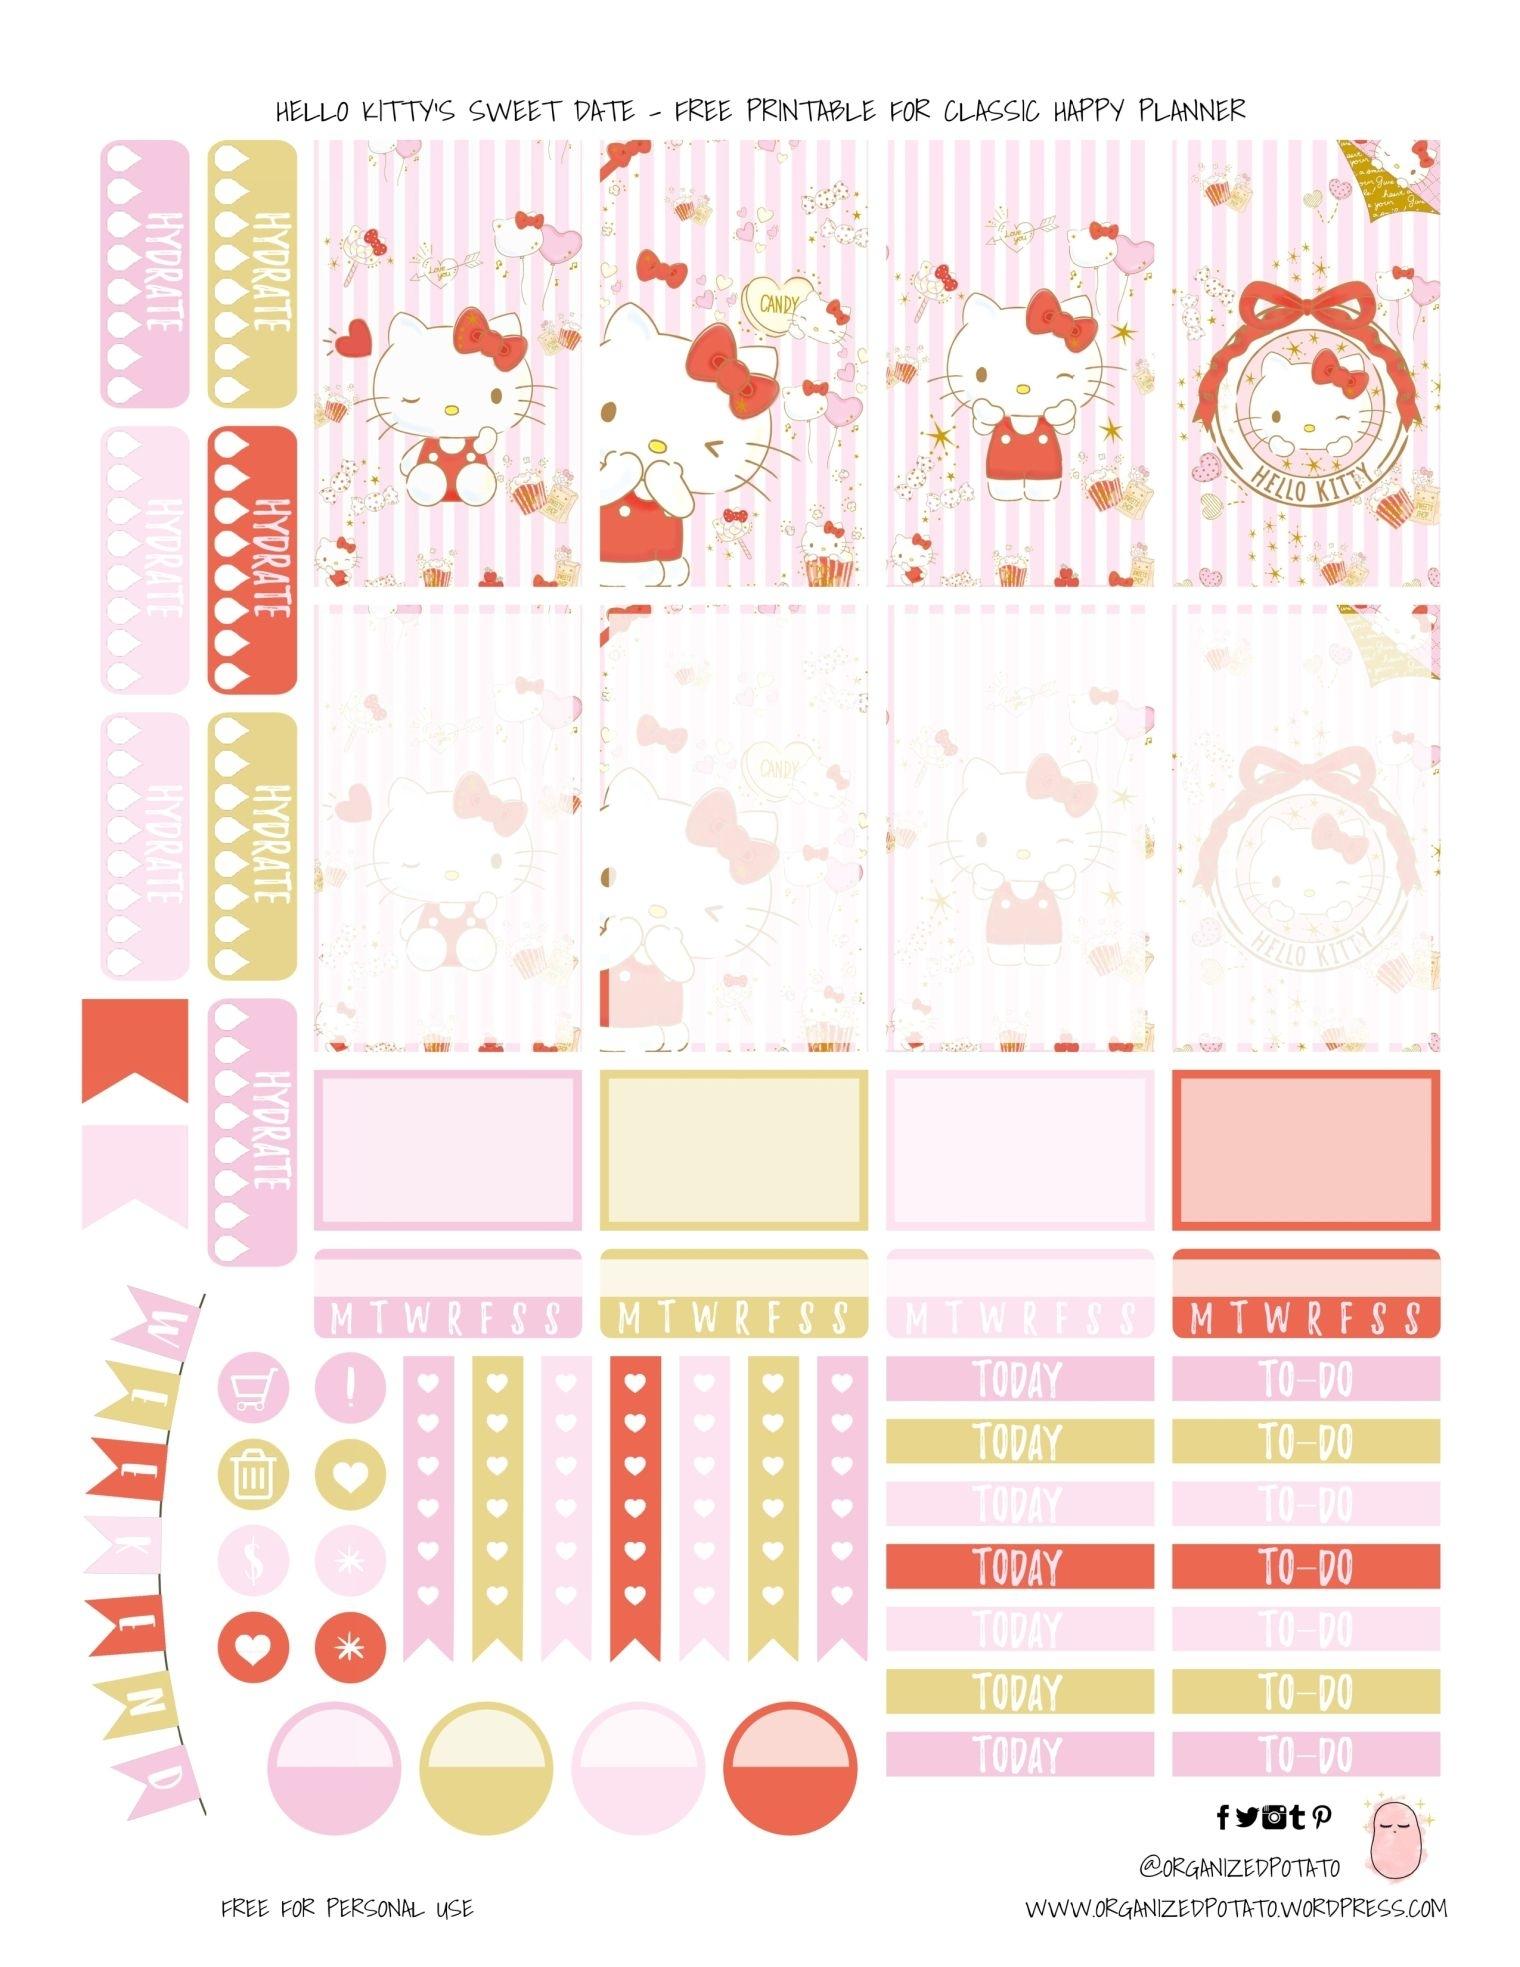 Hello Kitty Calendar Template | Printable Calendar Template 2021